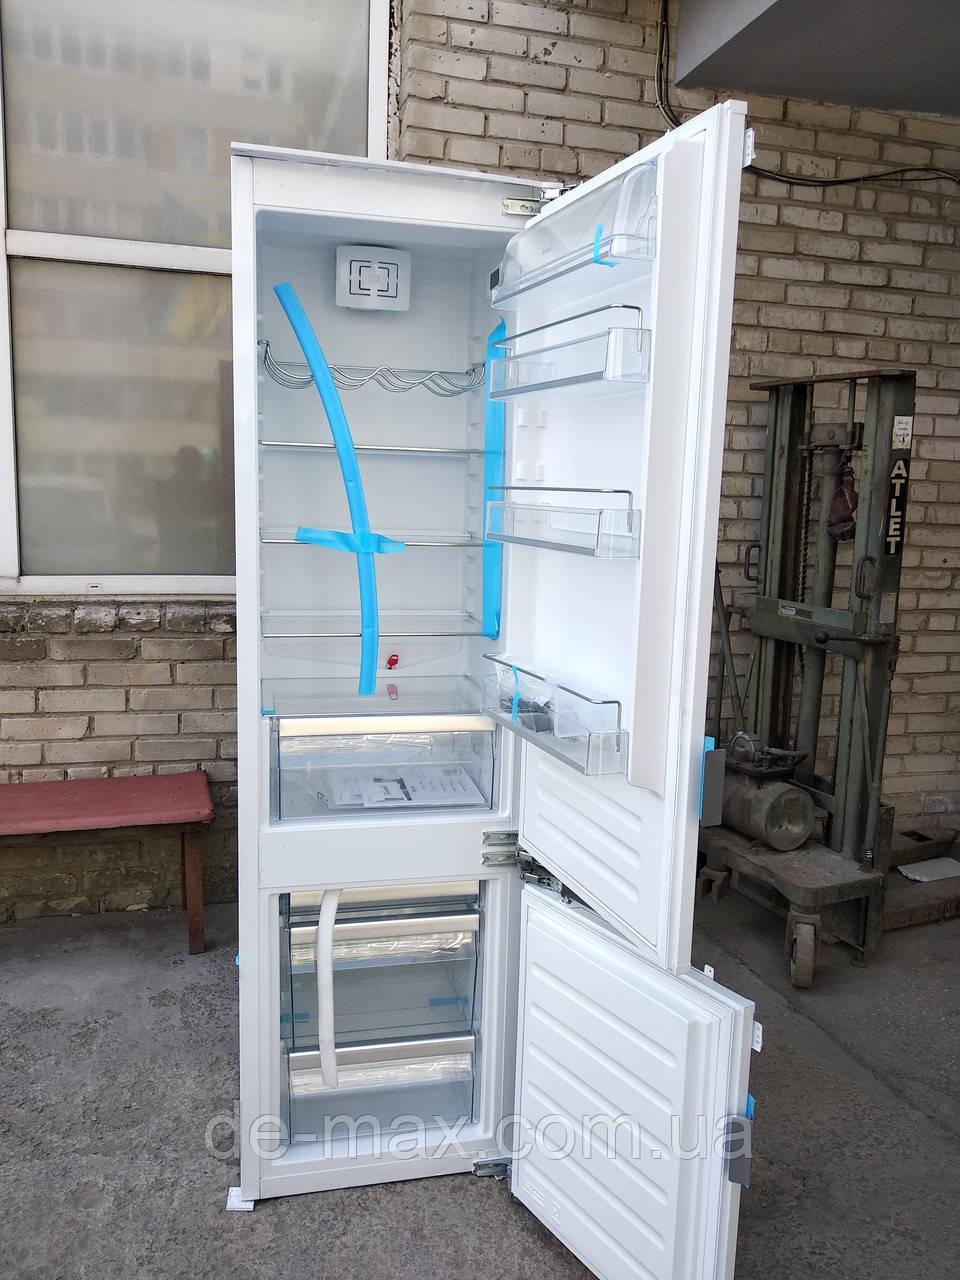 Встраиваемый холодильник KD62194B ATAG высокий 194см 35дБ 310л